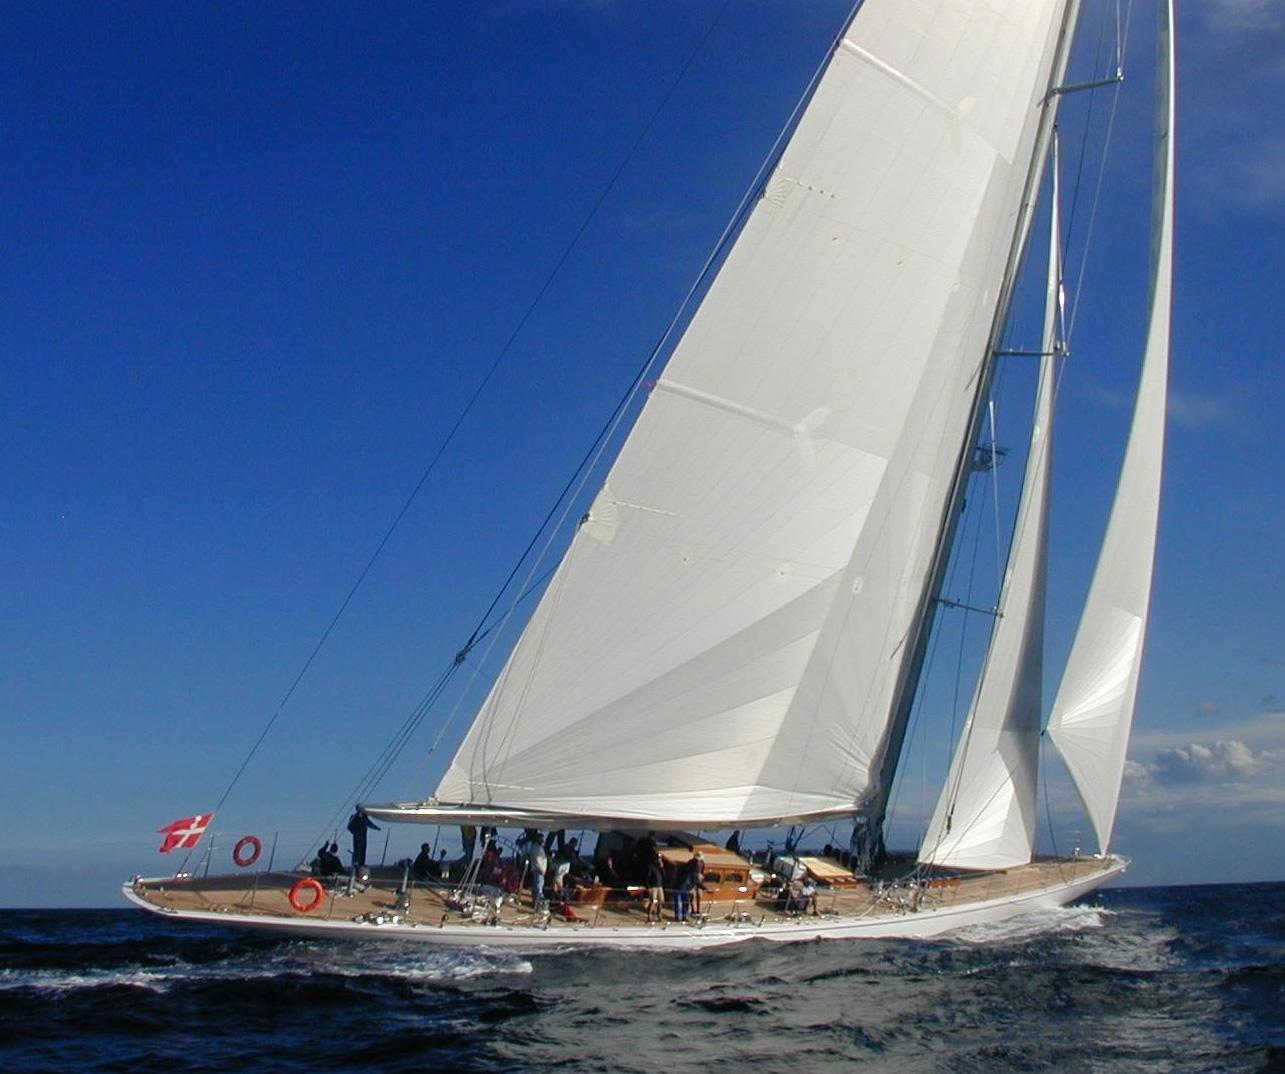 The j-class yacht ranger